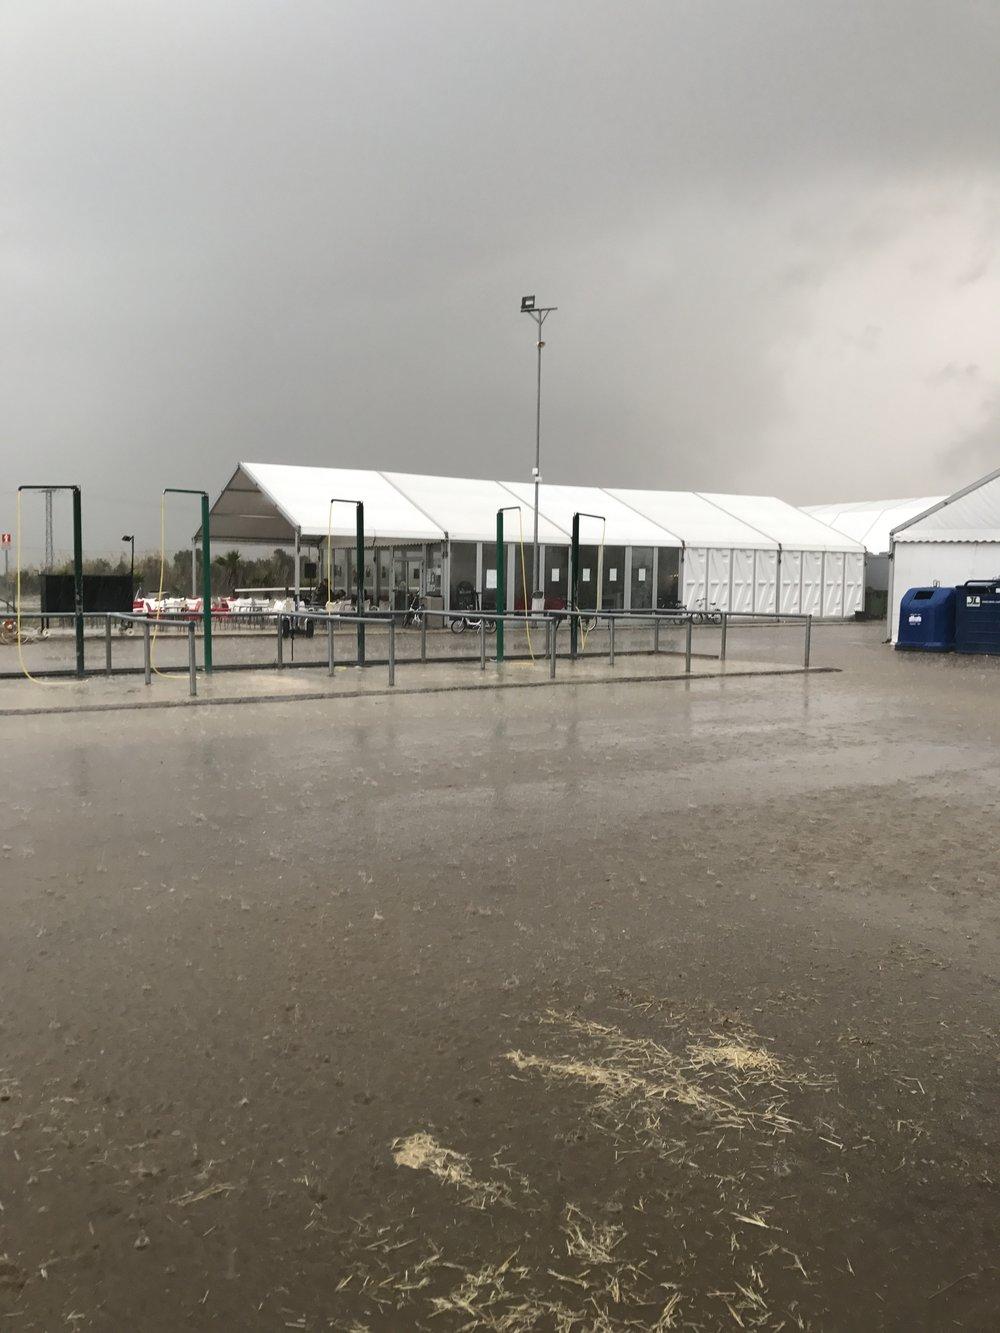 When it rains in Spain!